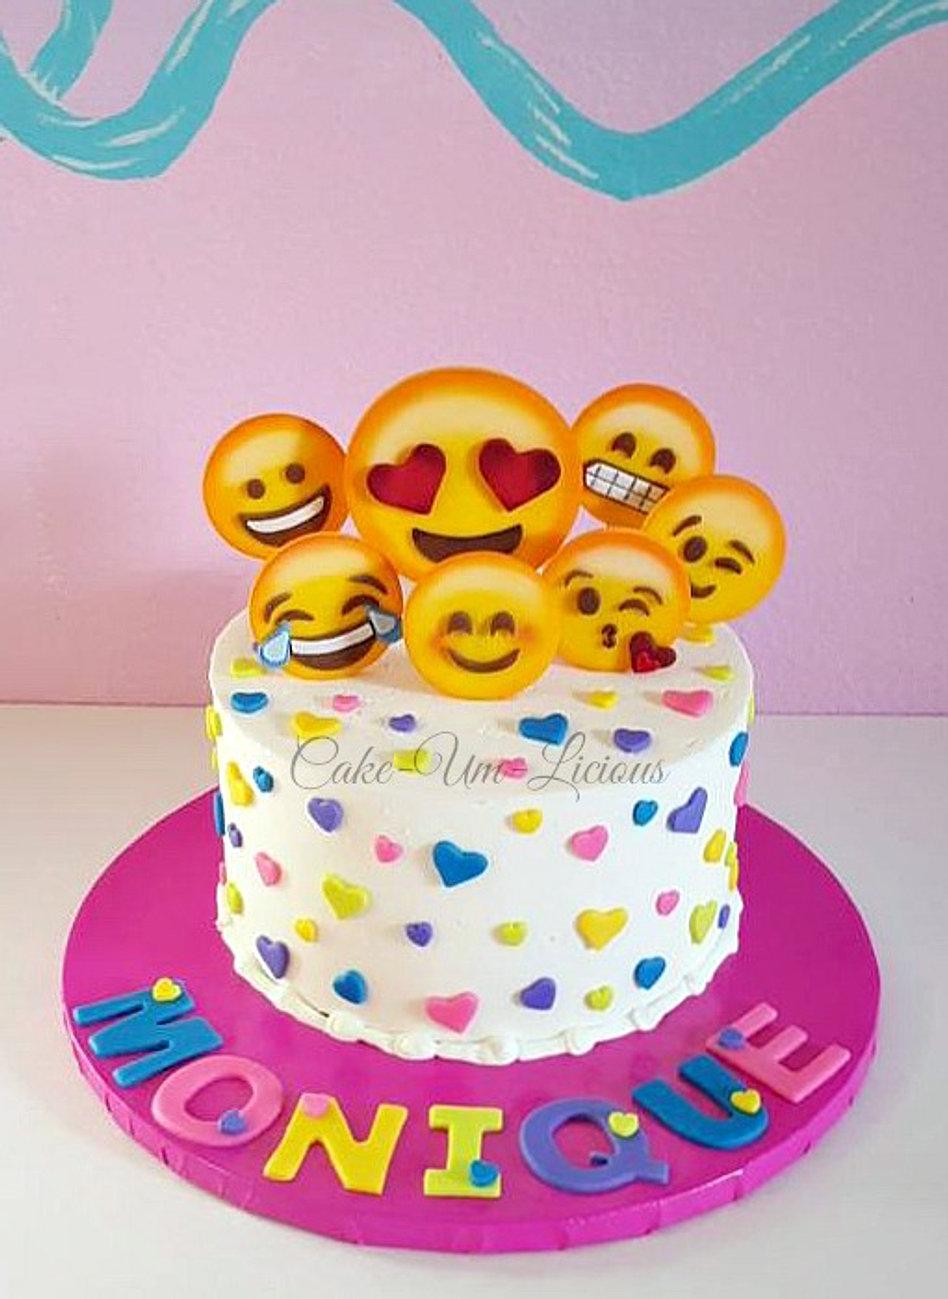 Cake Designs Emoji : CakeUmLicious Cake for Her